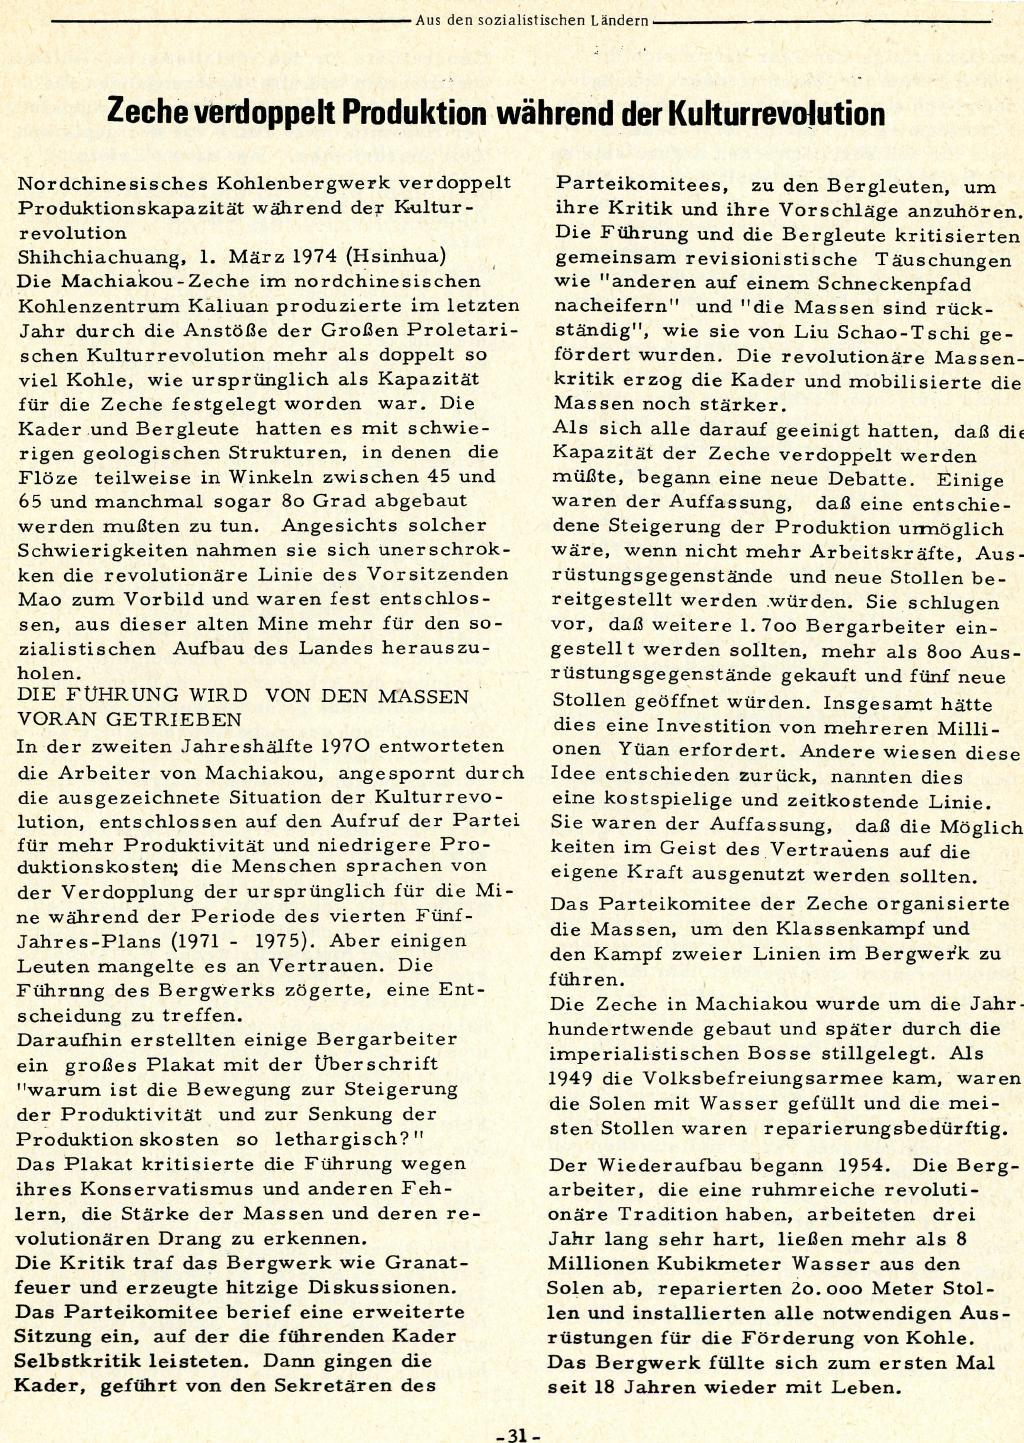 RPK_1974_09_10_31